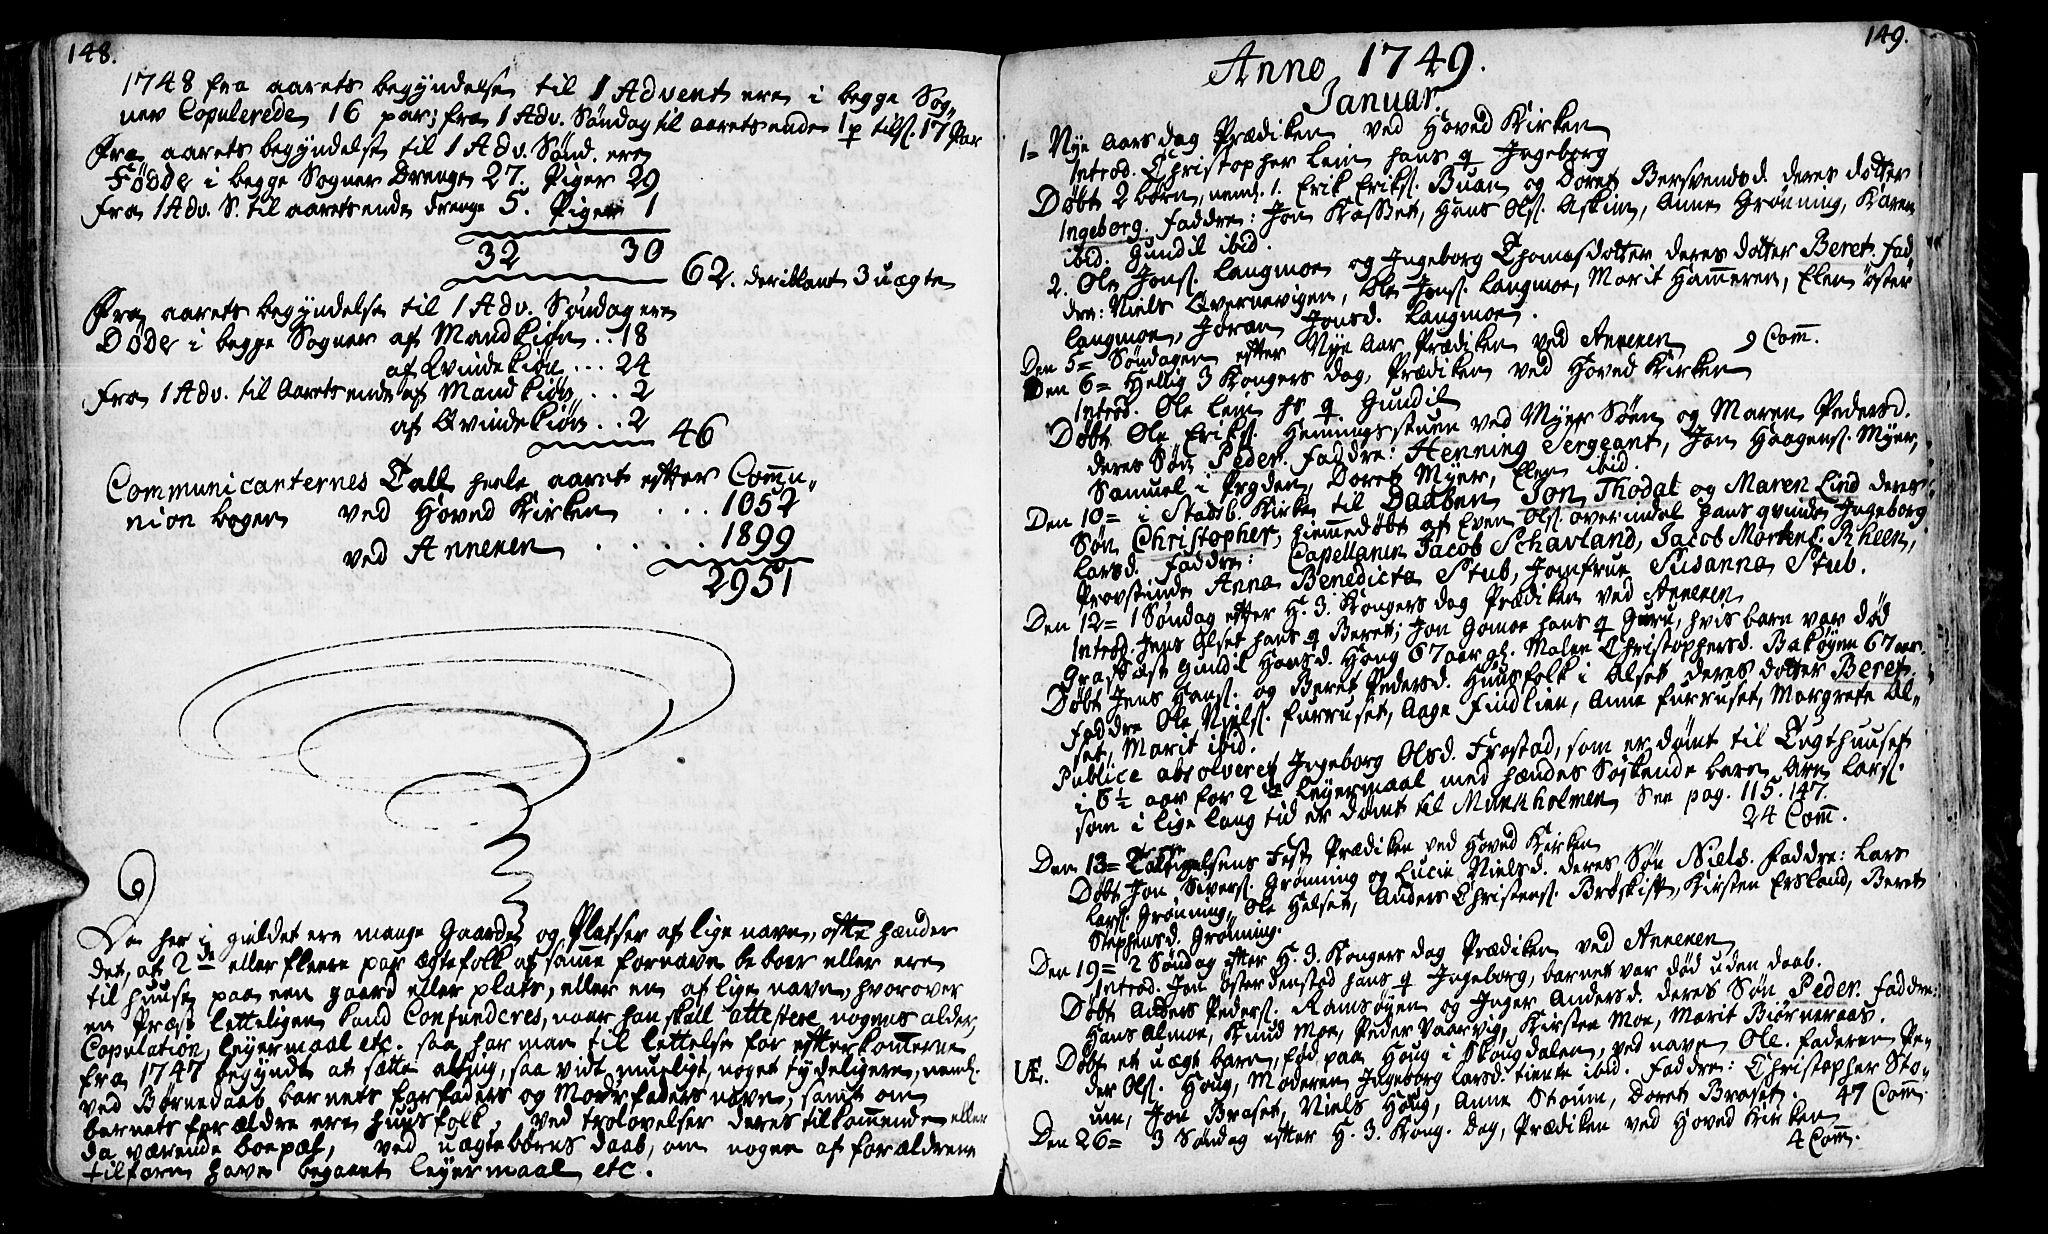 SAT, Ministerialprotokoller, klokkerbøker og fødselsregistre - Sør-Trøndelag, 646/L0604: Ministerialbok nr. 646A02, 1735-1750, s. 148-149